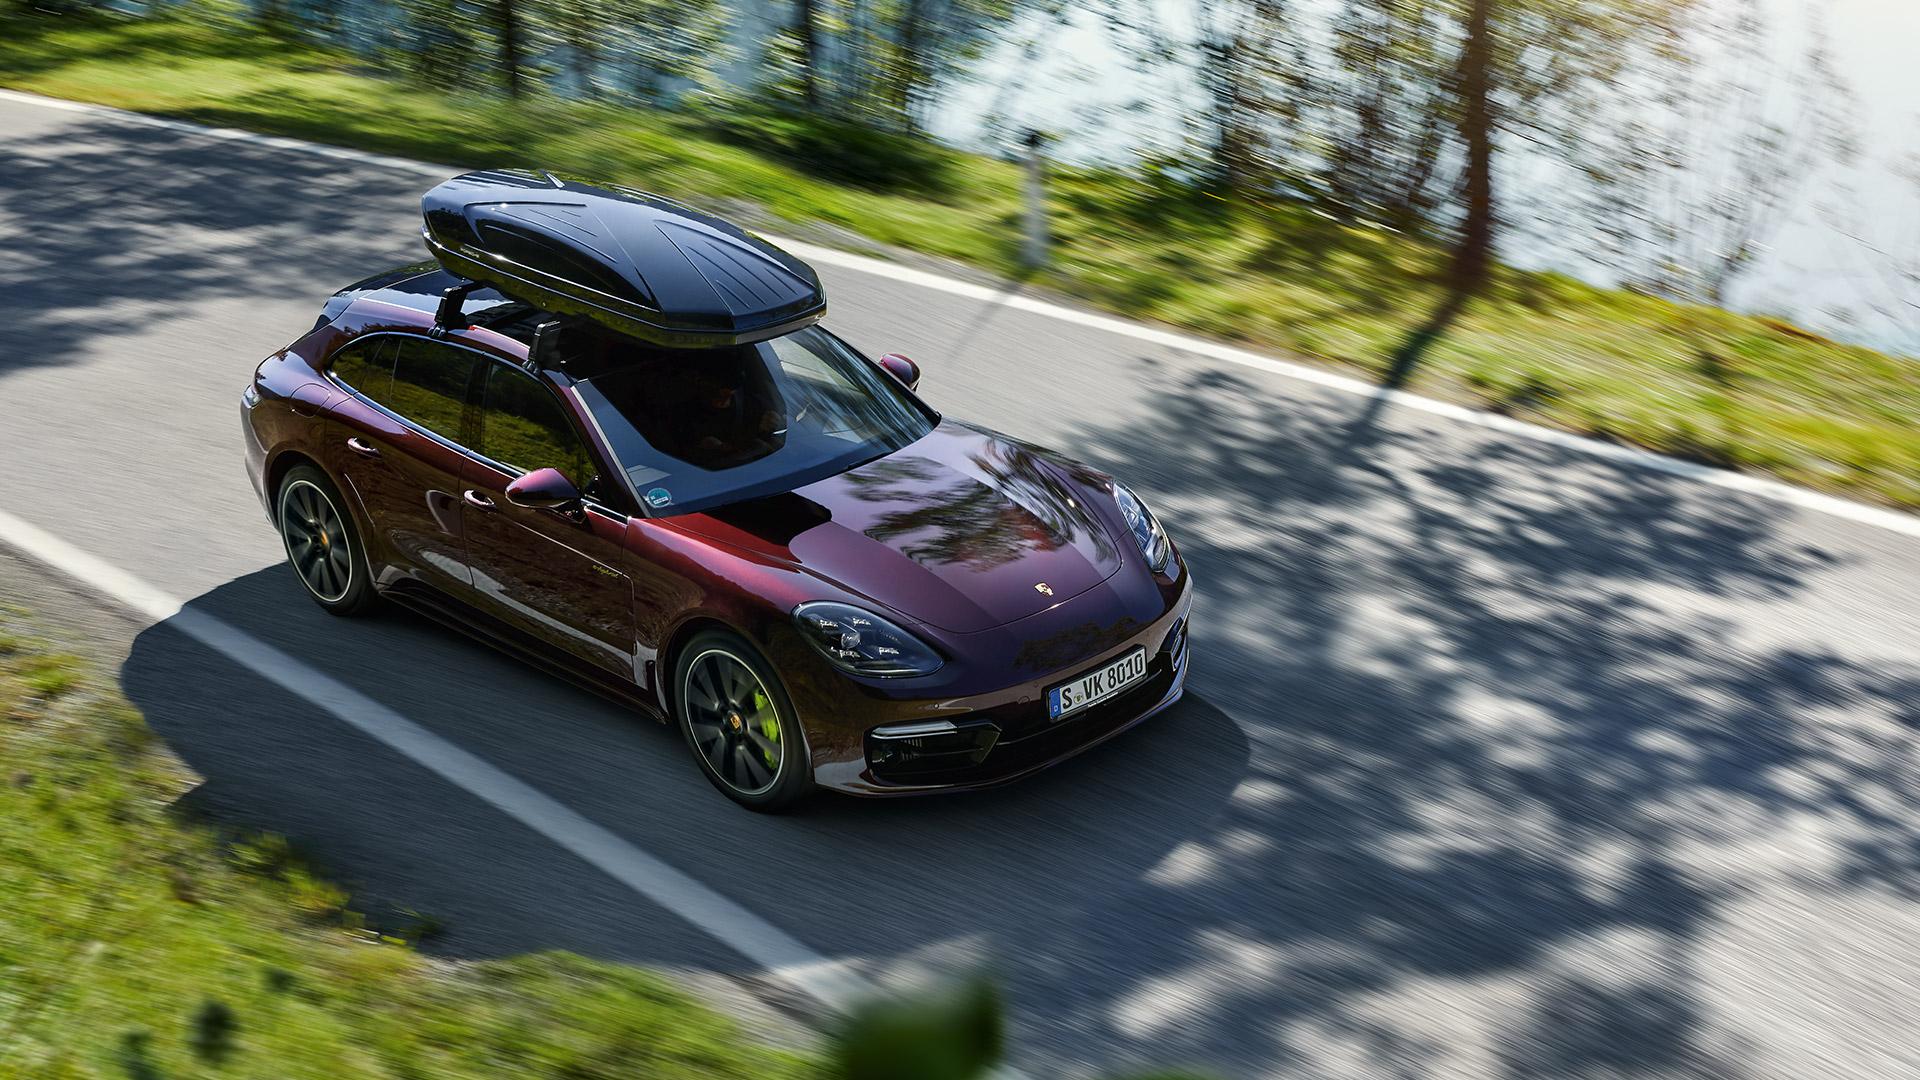 Porsche - Roof boxes